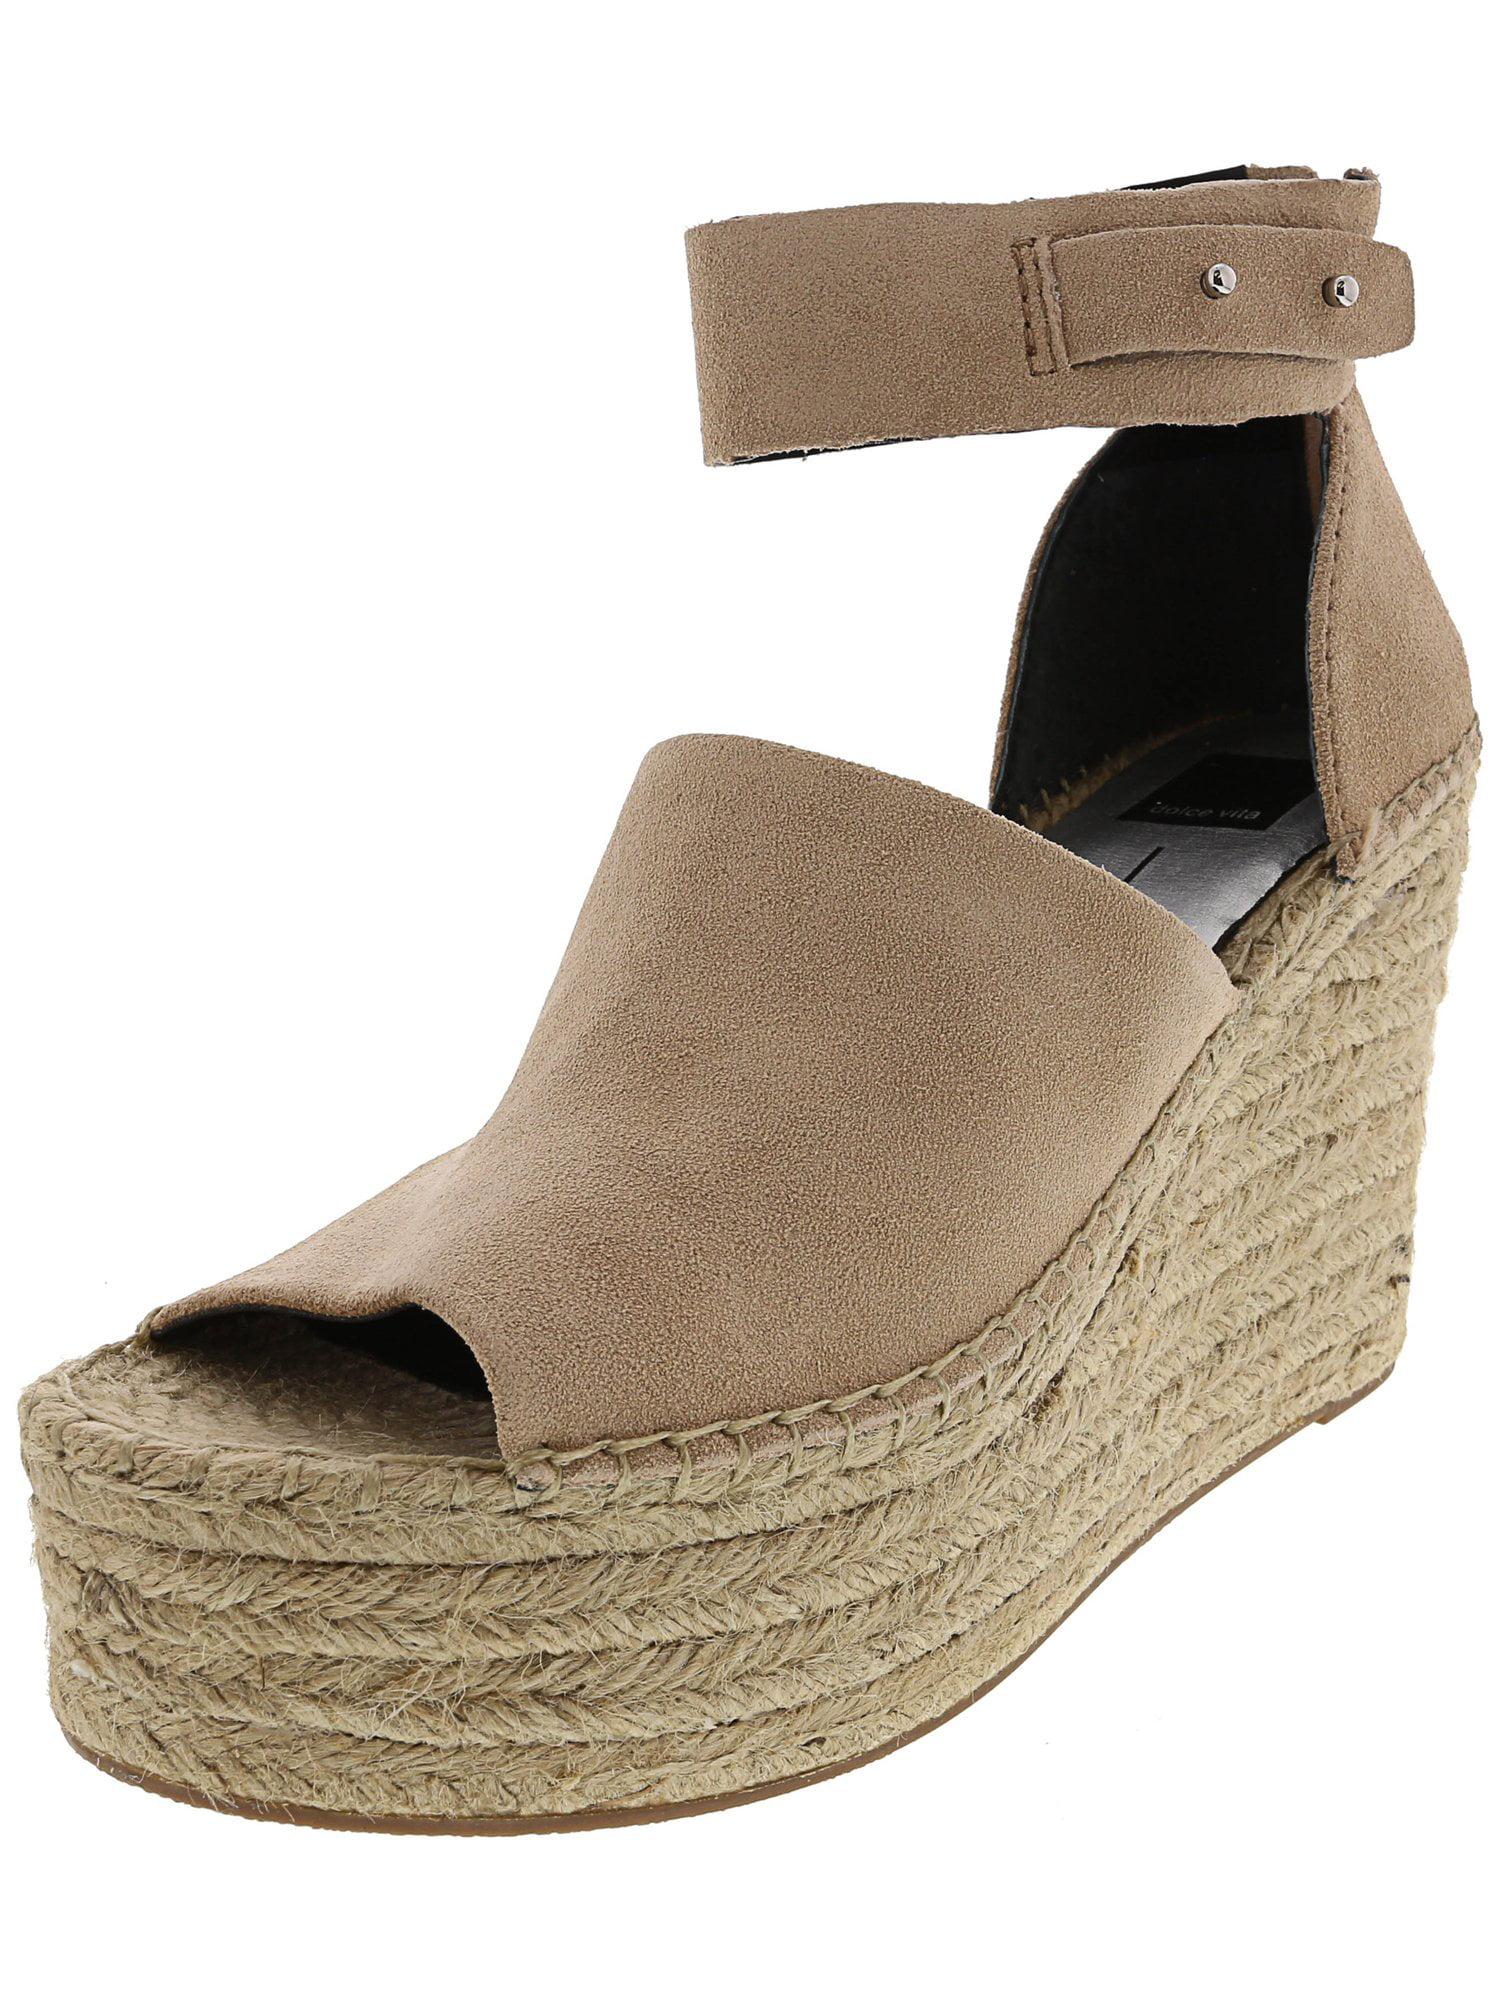 Straw Women's Platform Wedge Espadrille Sandals